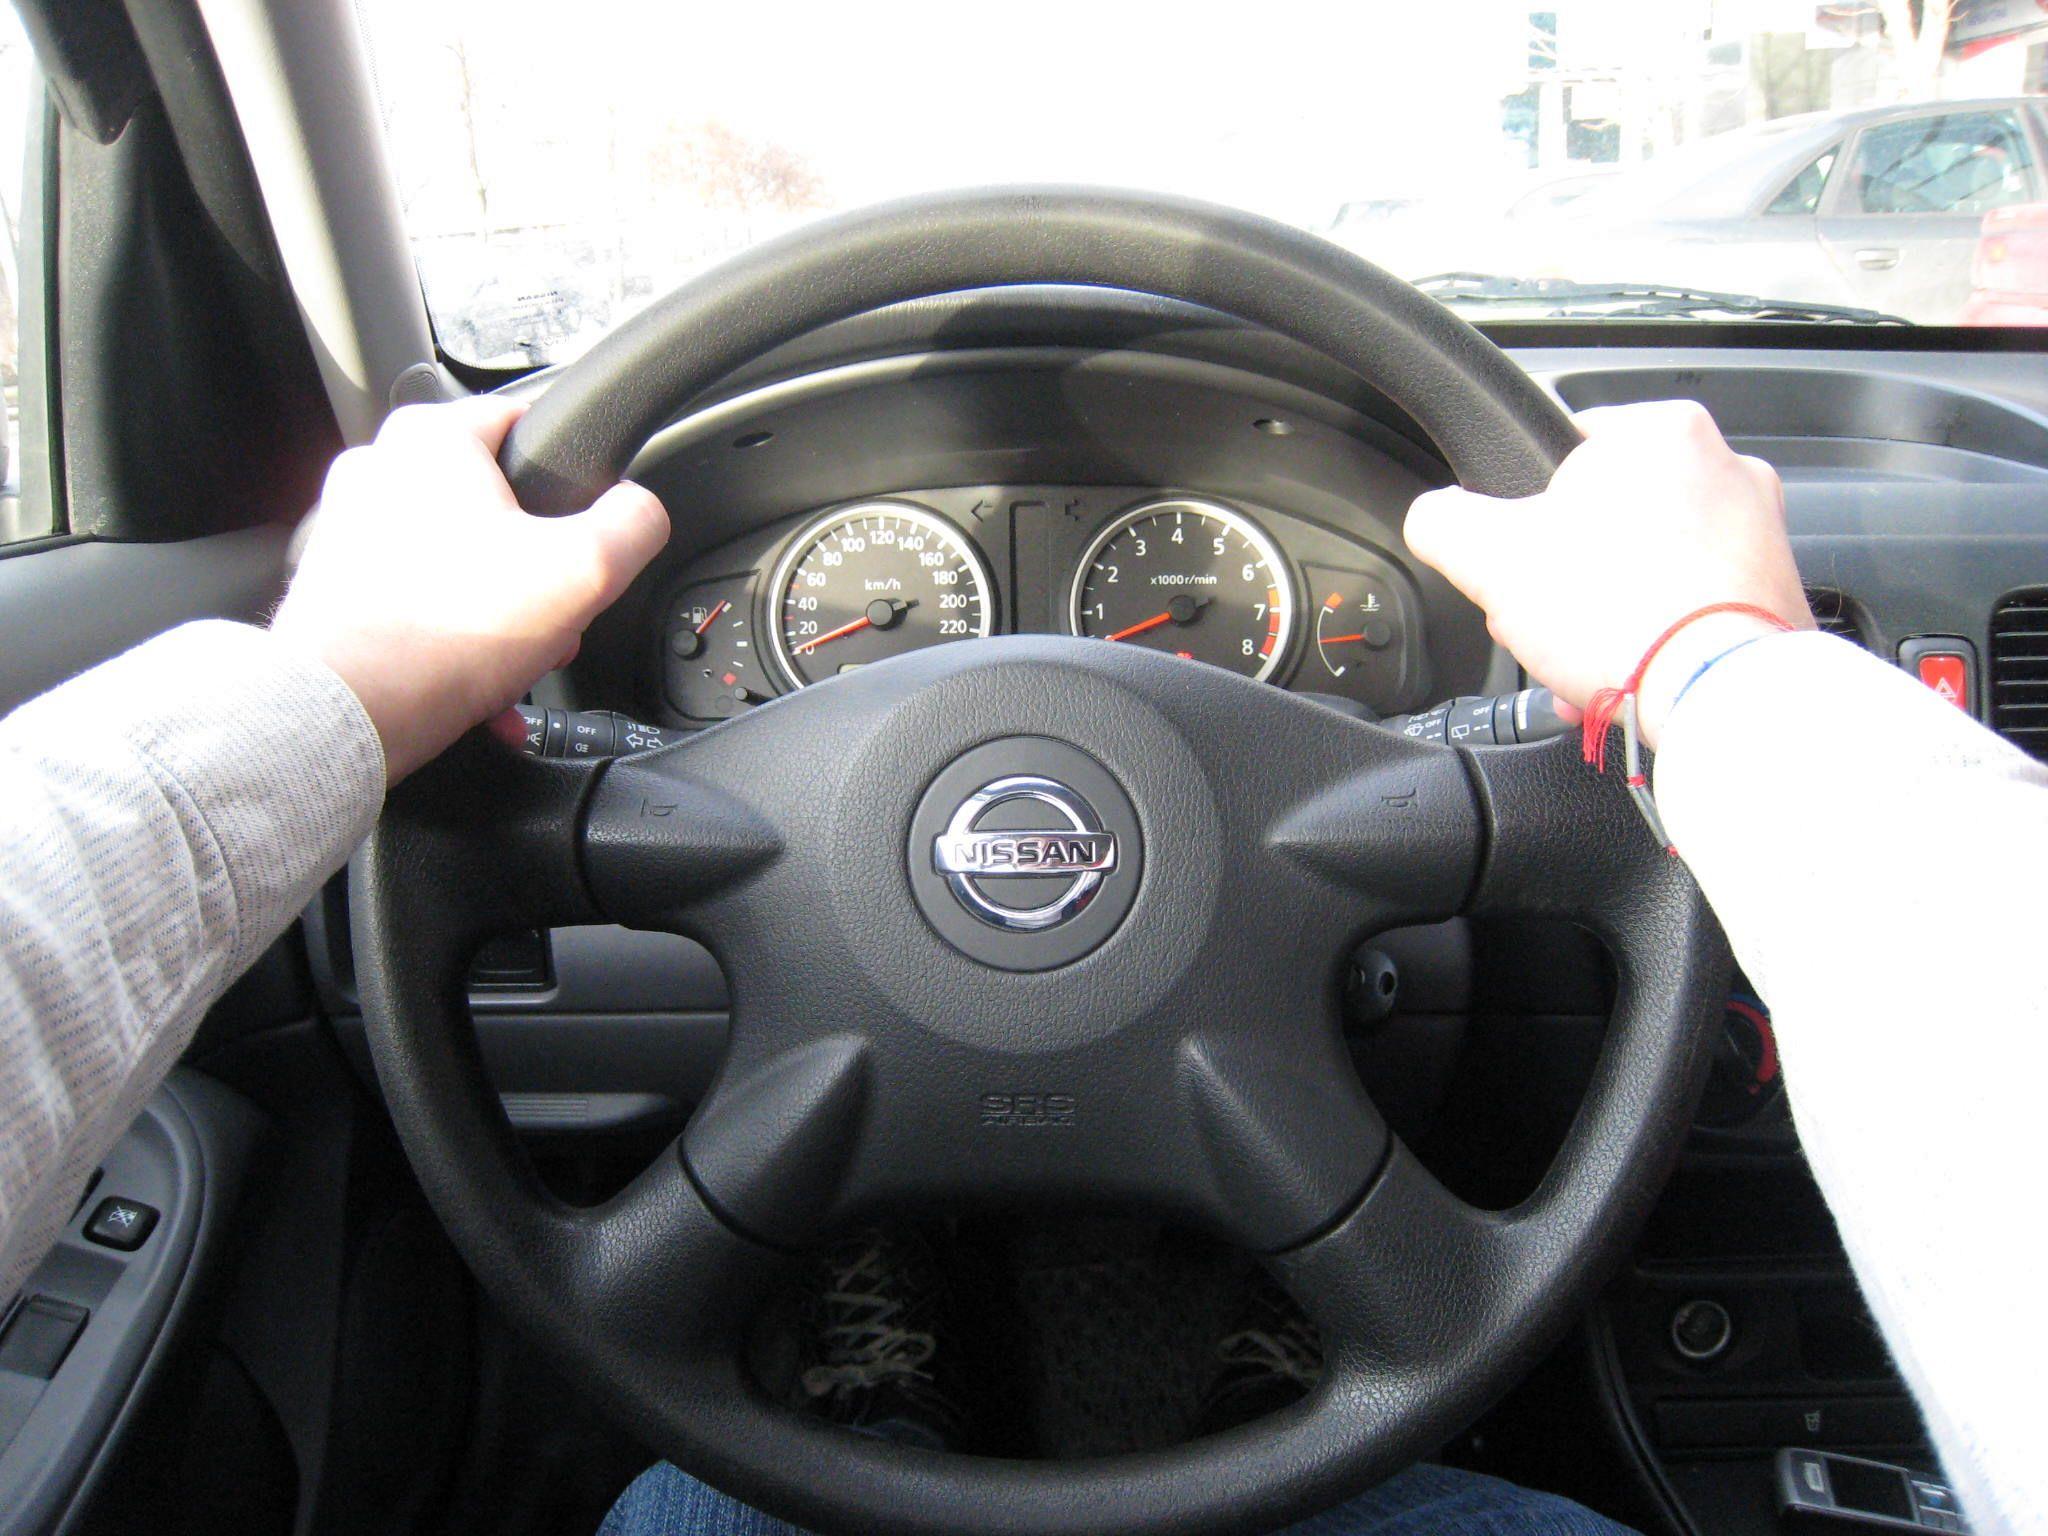 KETbilietai.lt -  Praktinio vairavimo egzaminas filmuojamas